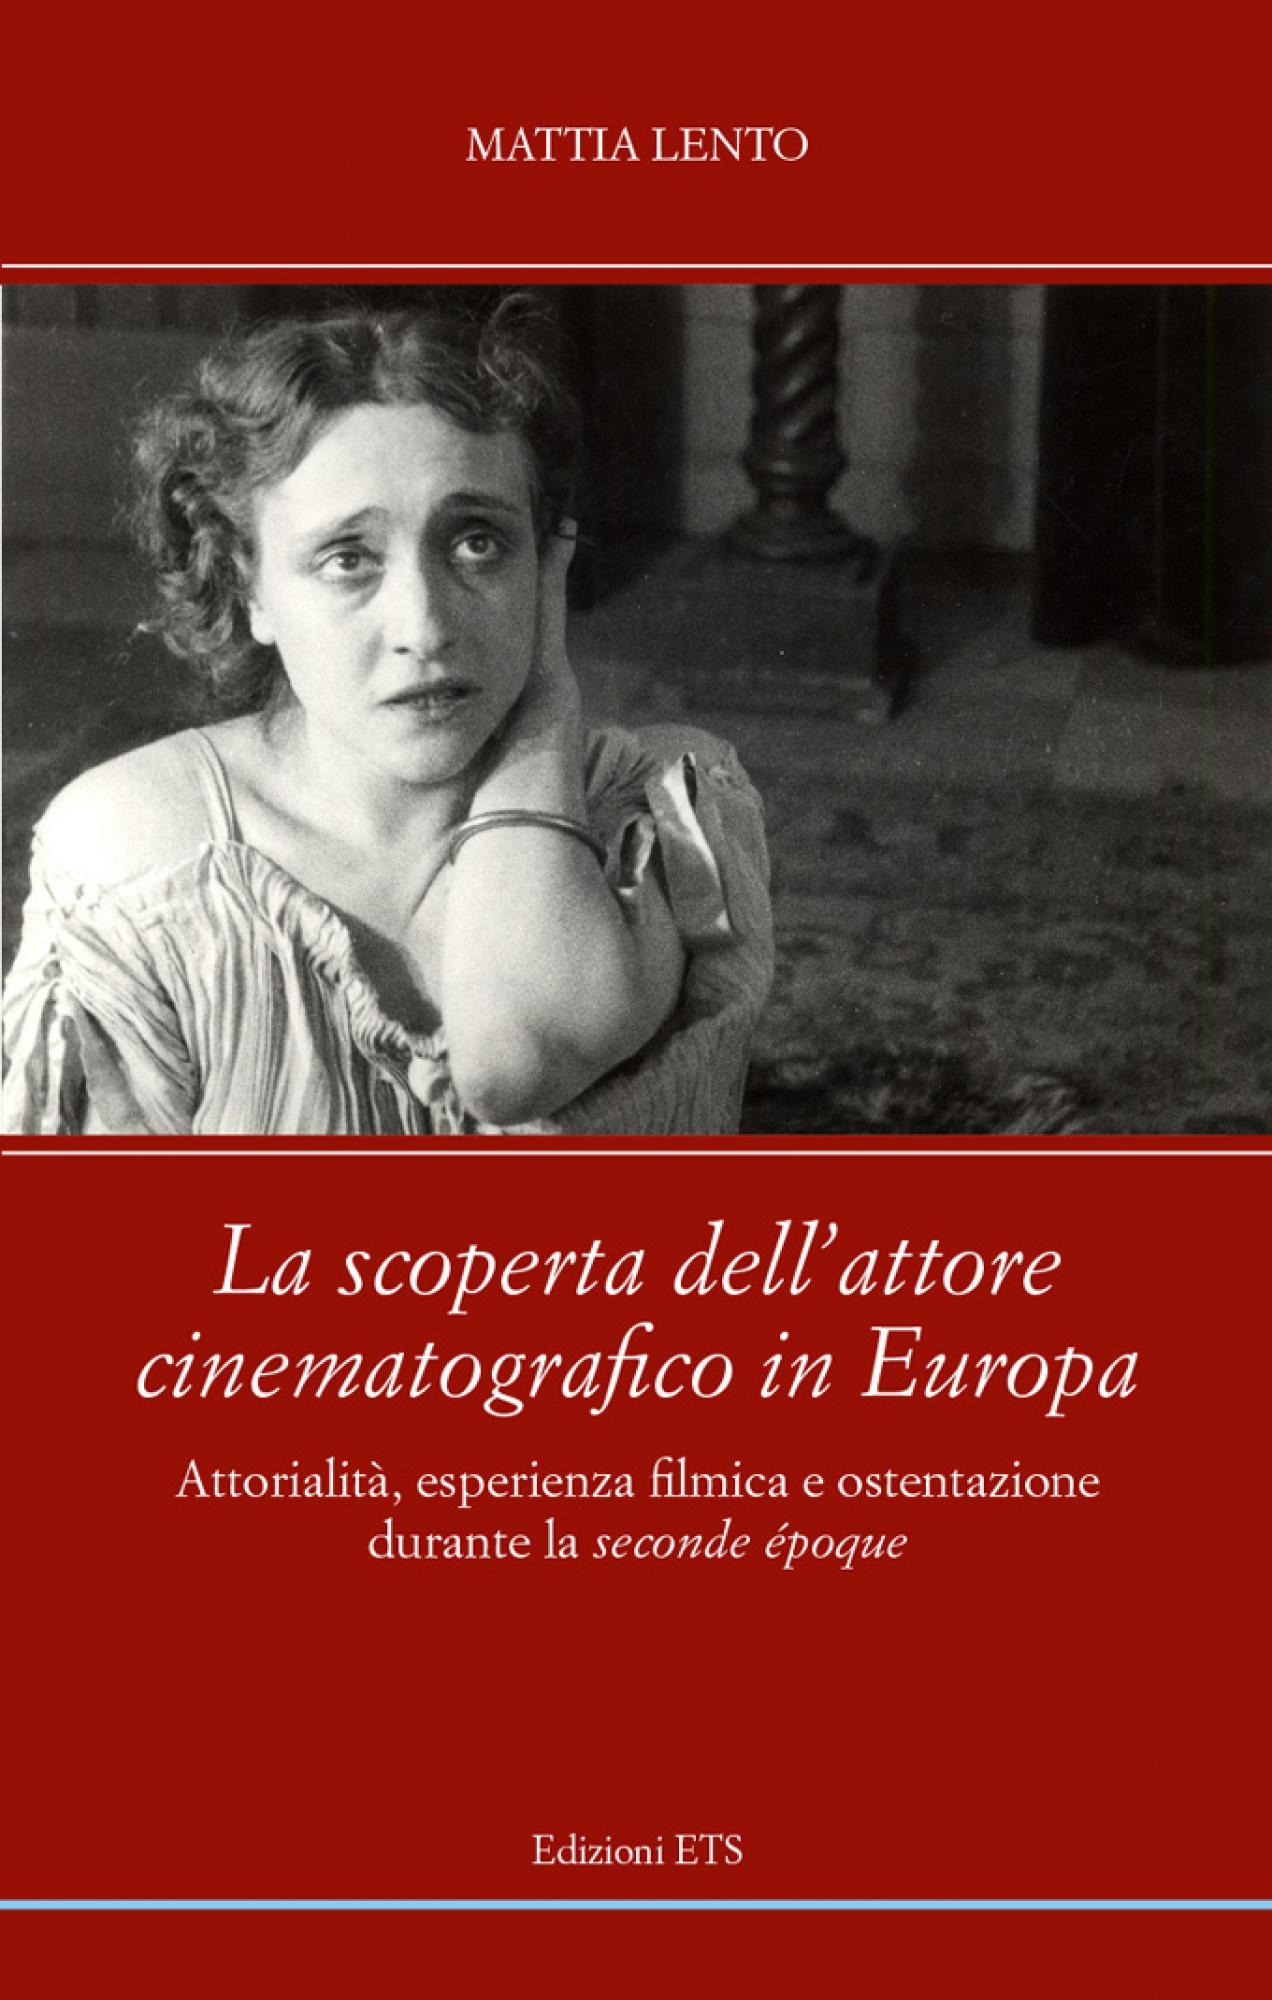 La scoperta dell'attore cinematografico in Europa.Attorialità, esperienza filmica e ostentazione durante la seconde époque